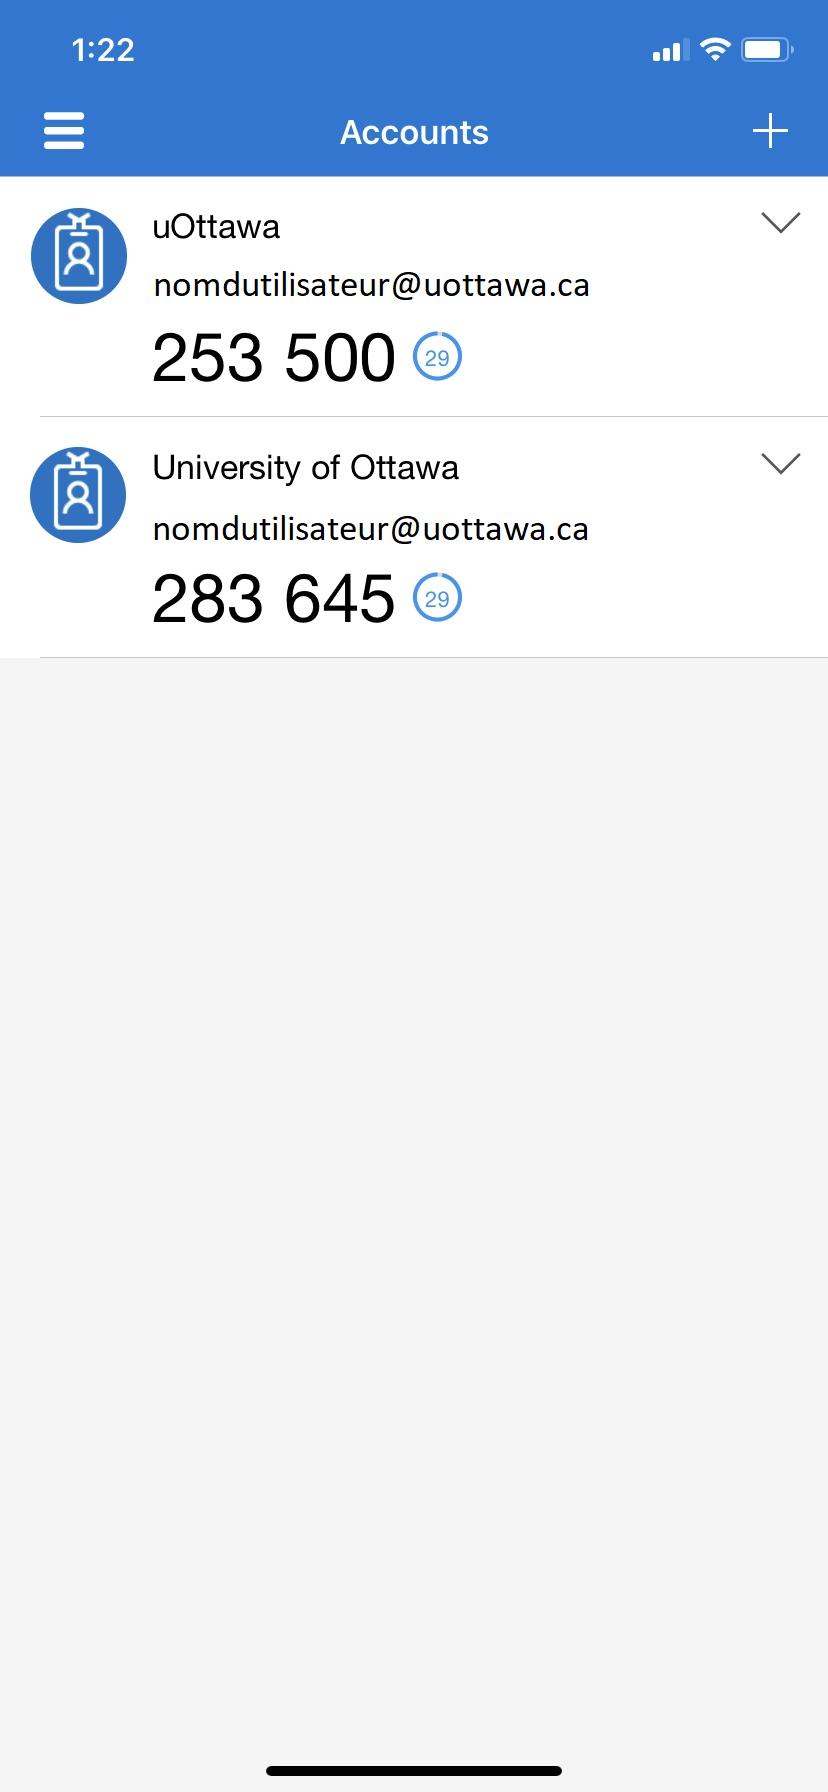 uOttawa, University of Ottawa'